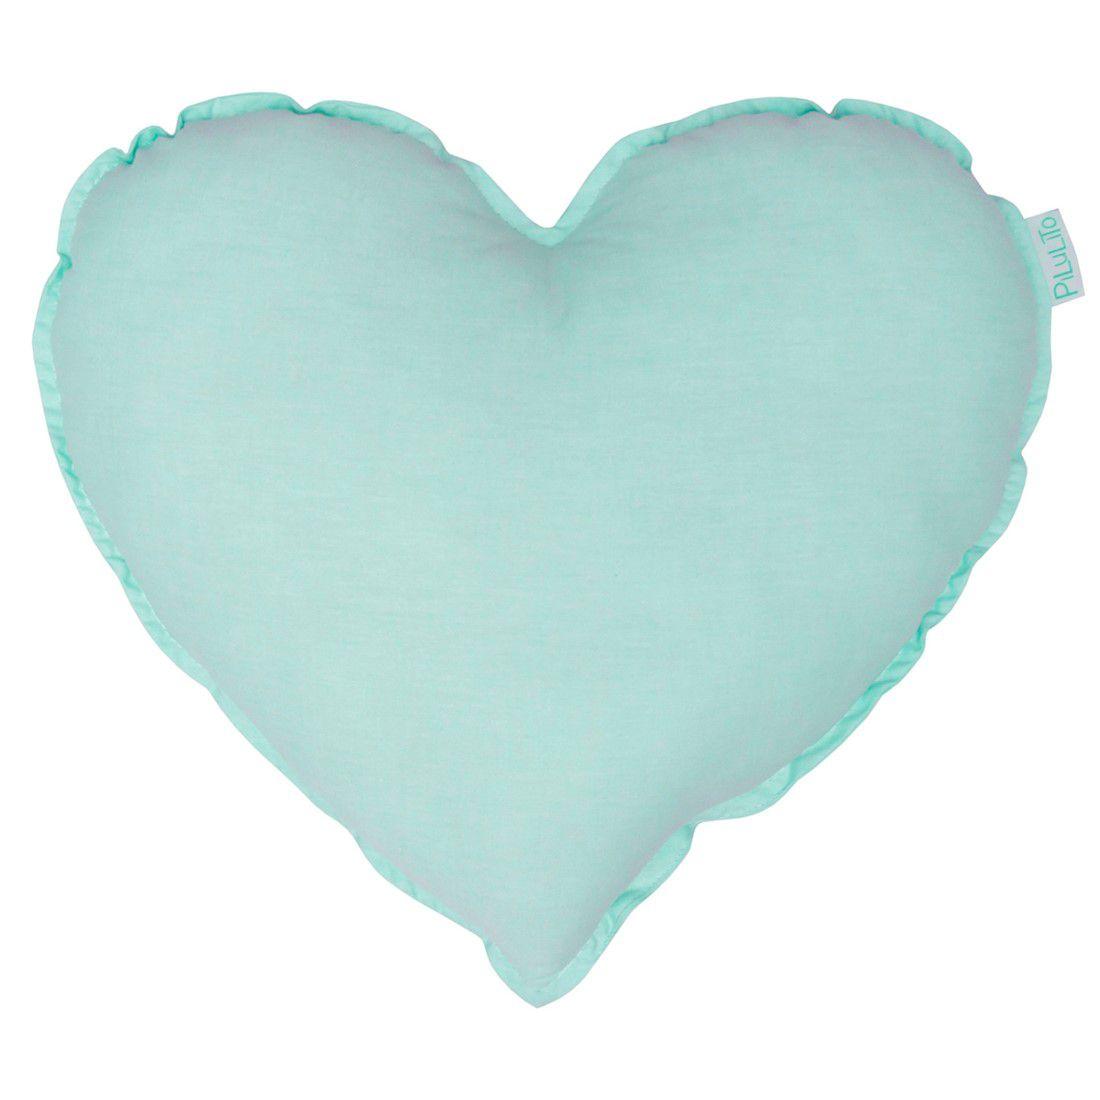 Almofada coração hortelã suave